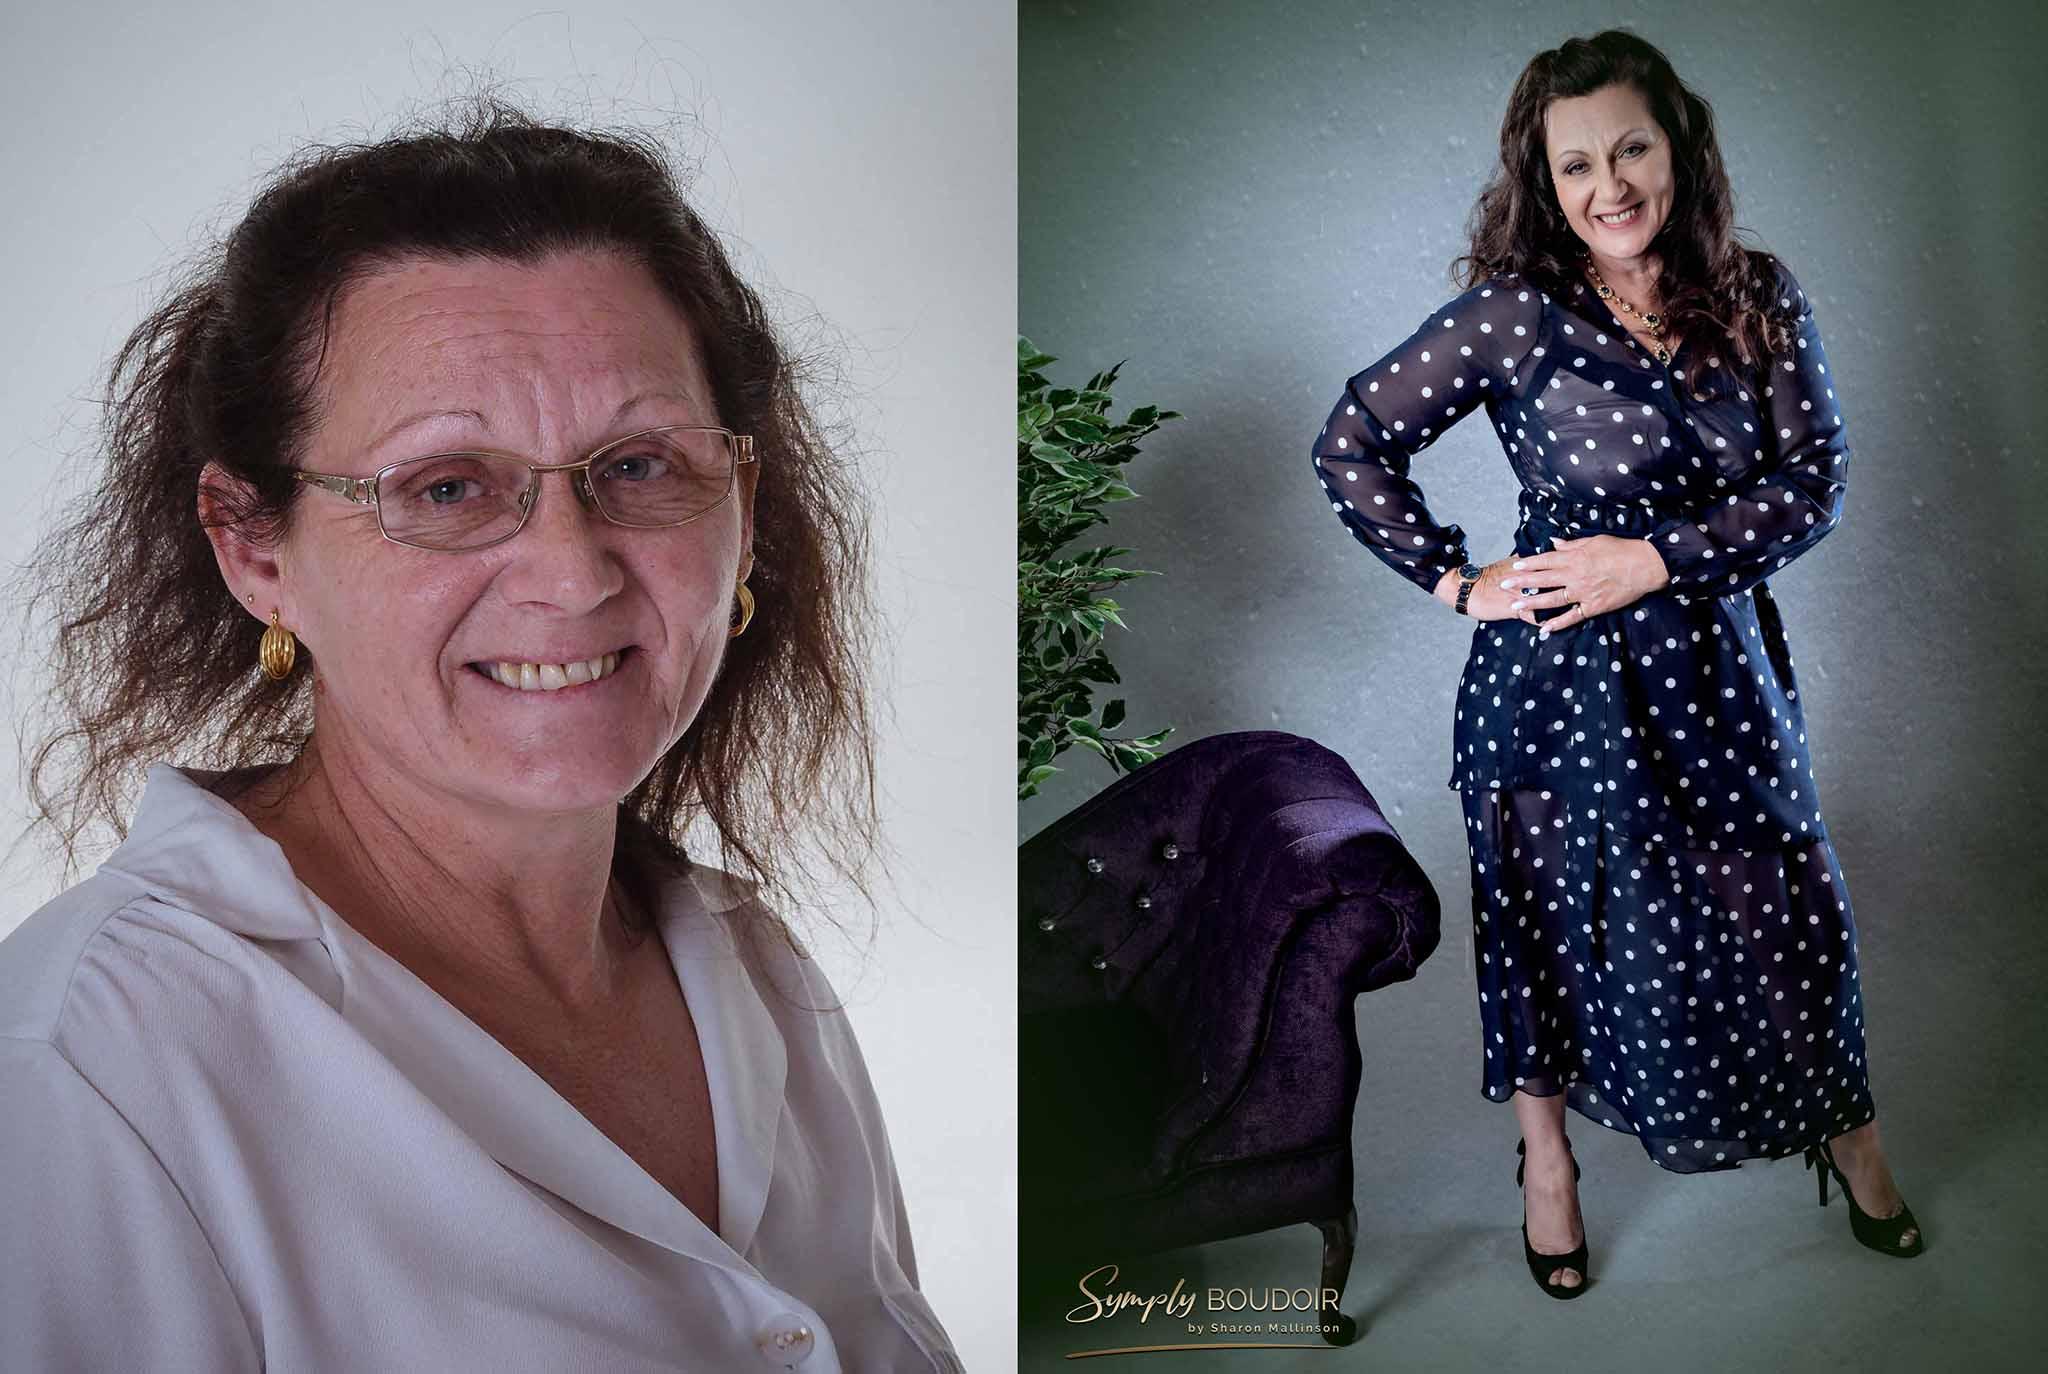 boudoir shoot for older ladies